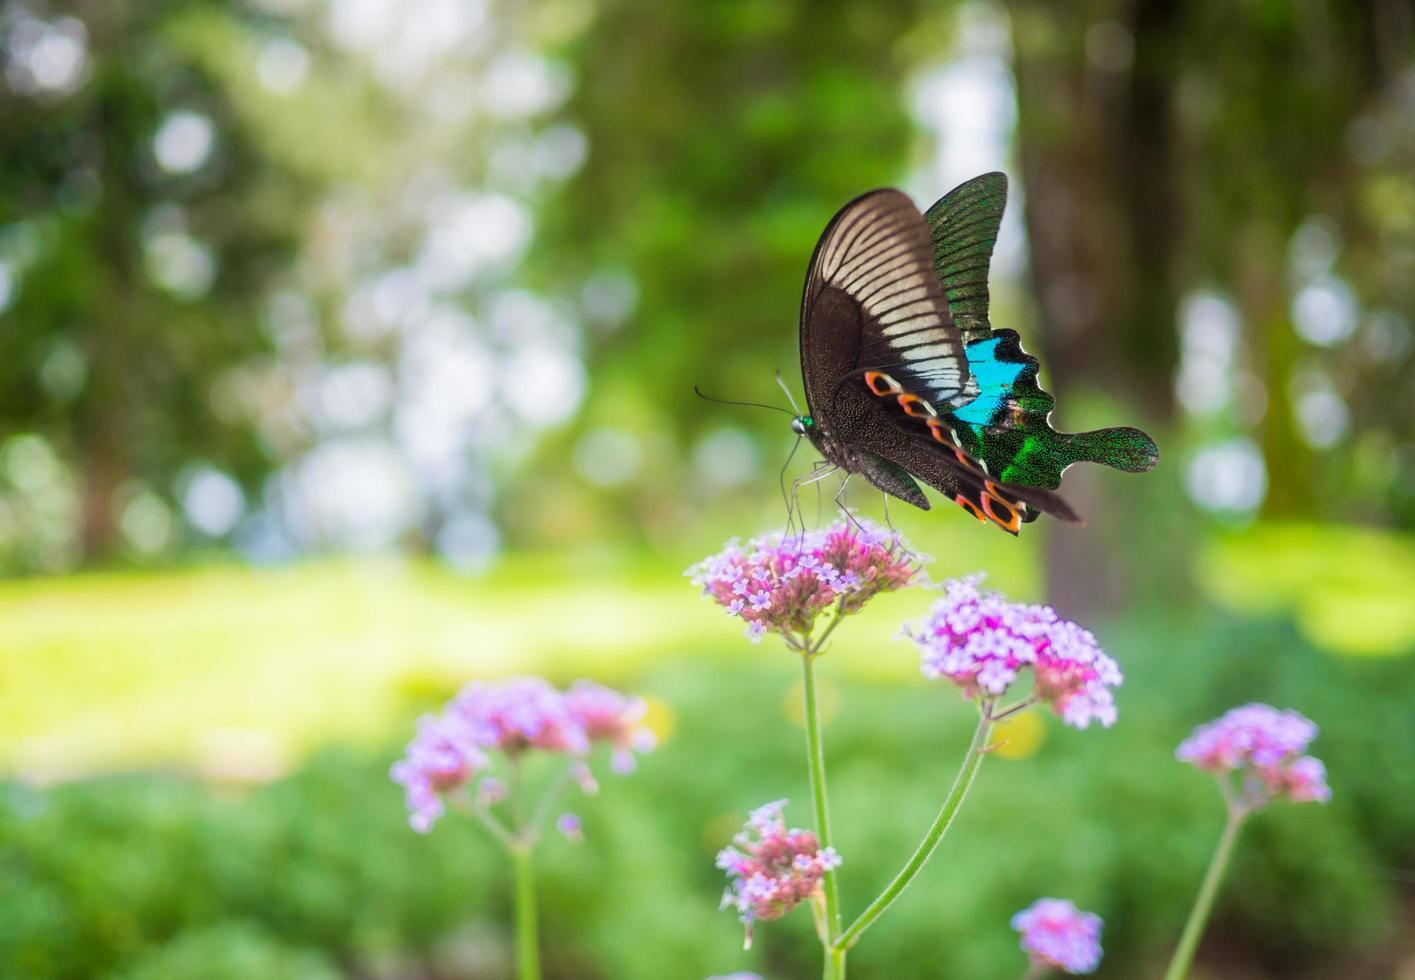 beau papillon atterrissant sur des fleurs roses photo